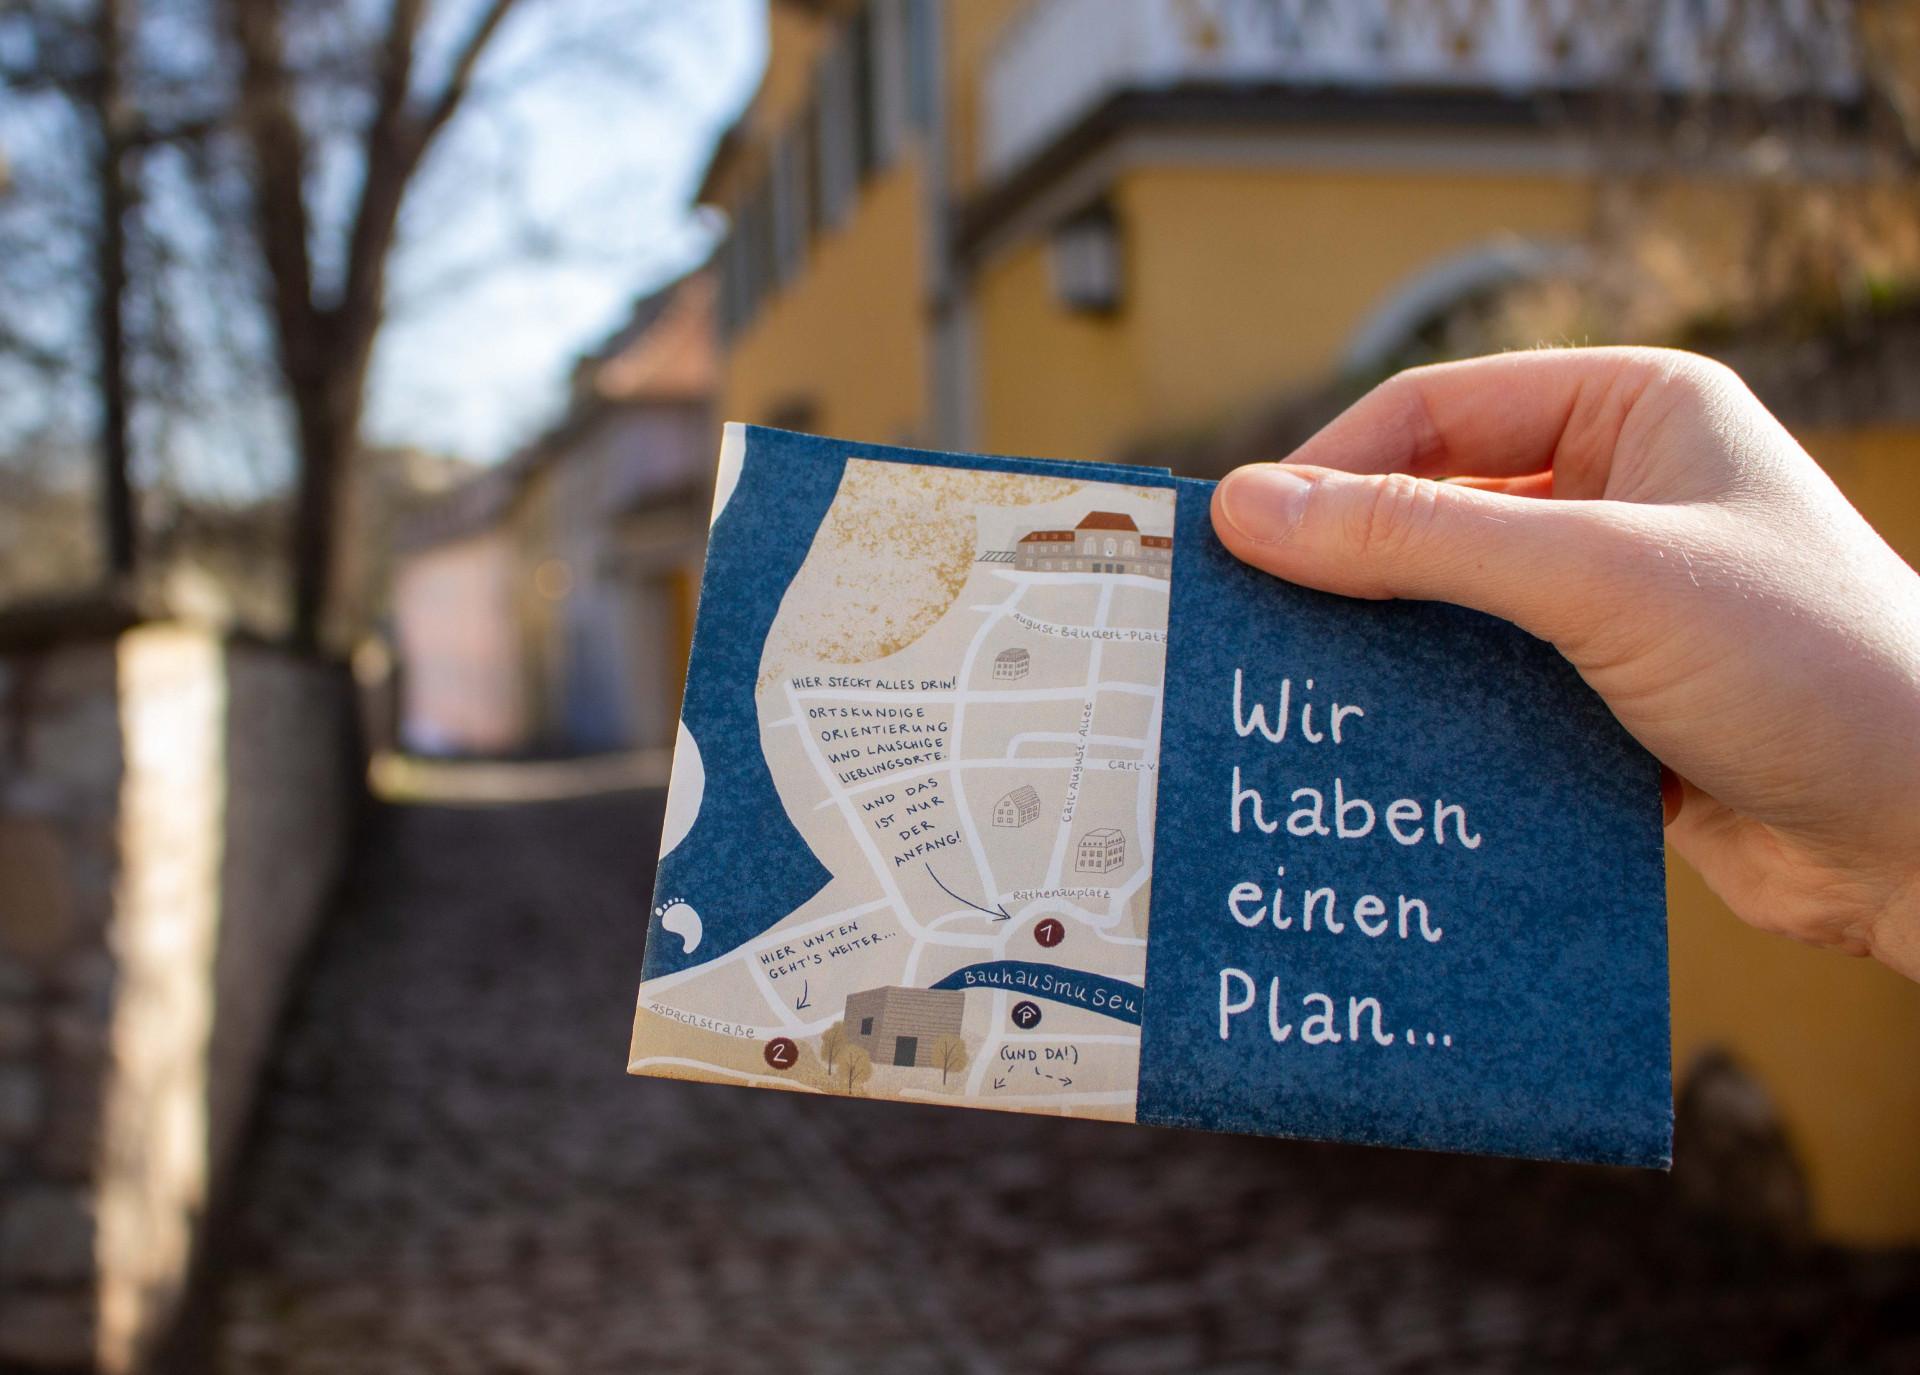 Zusammengefaltete Titelseite des Stadtplans. Darauf der Satz: Wir haben einen Plan.